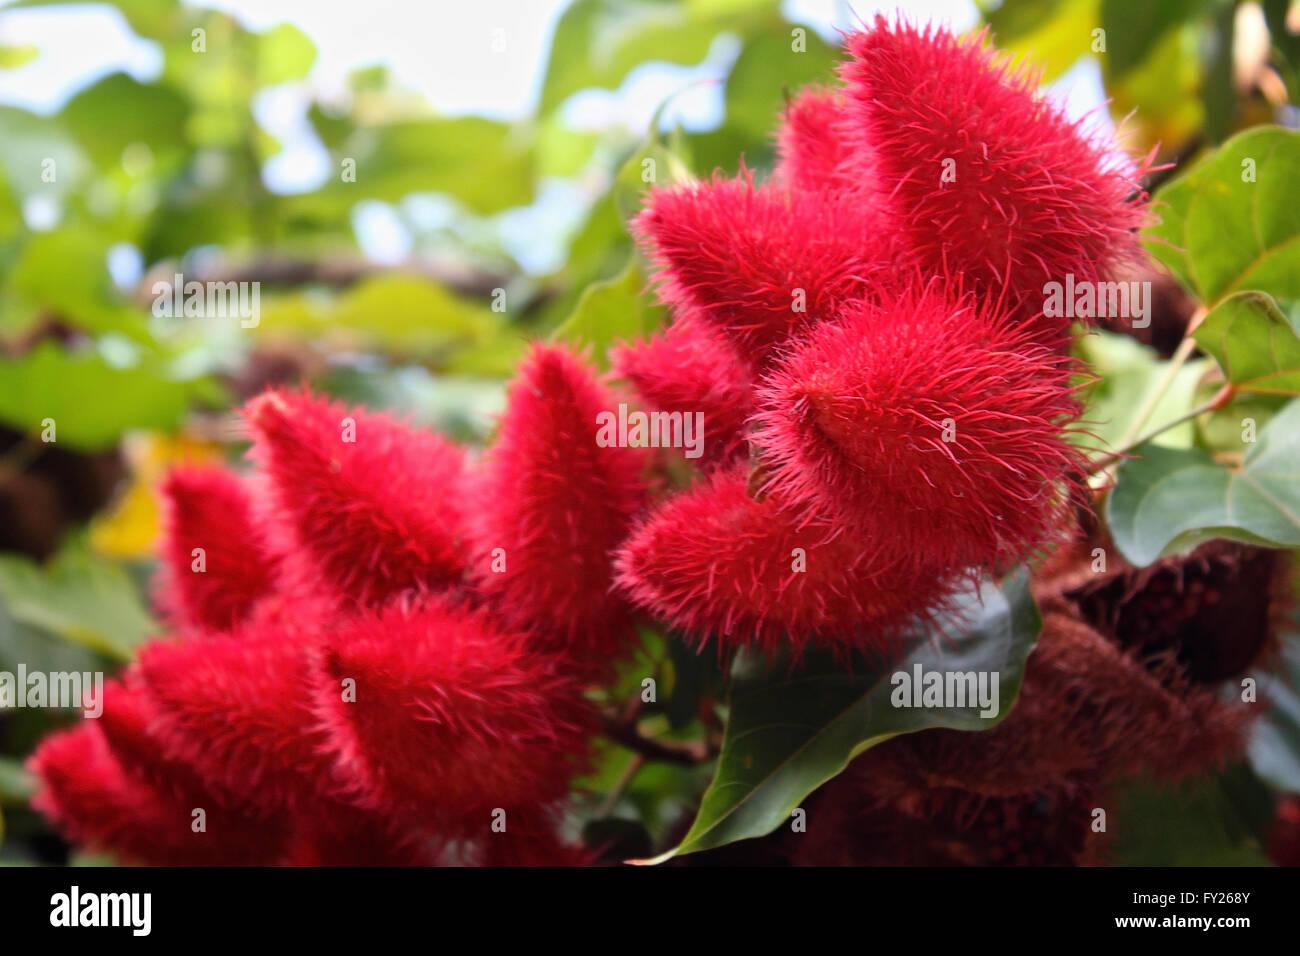 rote behaarte exotische Früchte, Thailand, Südostasien Stockbild